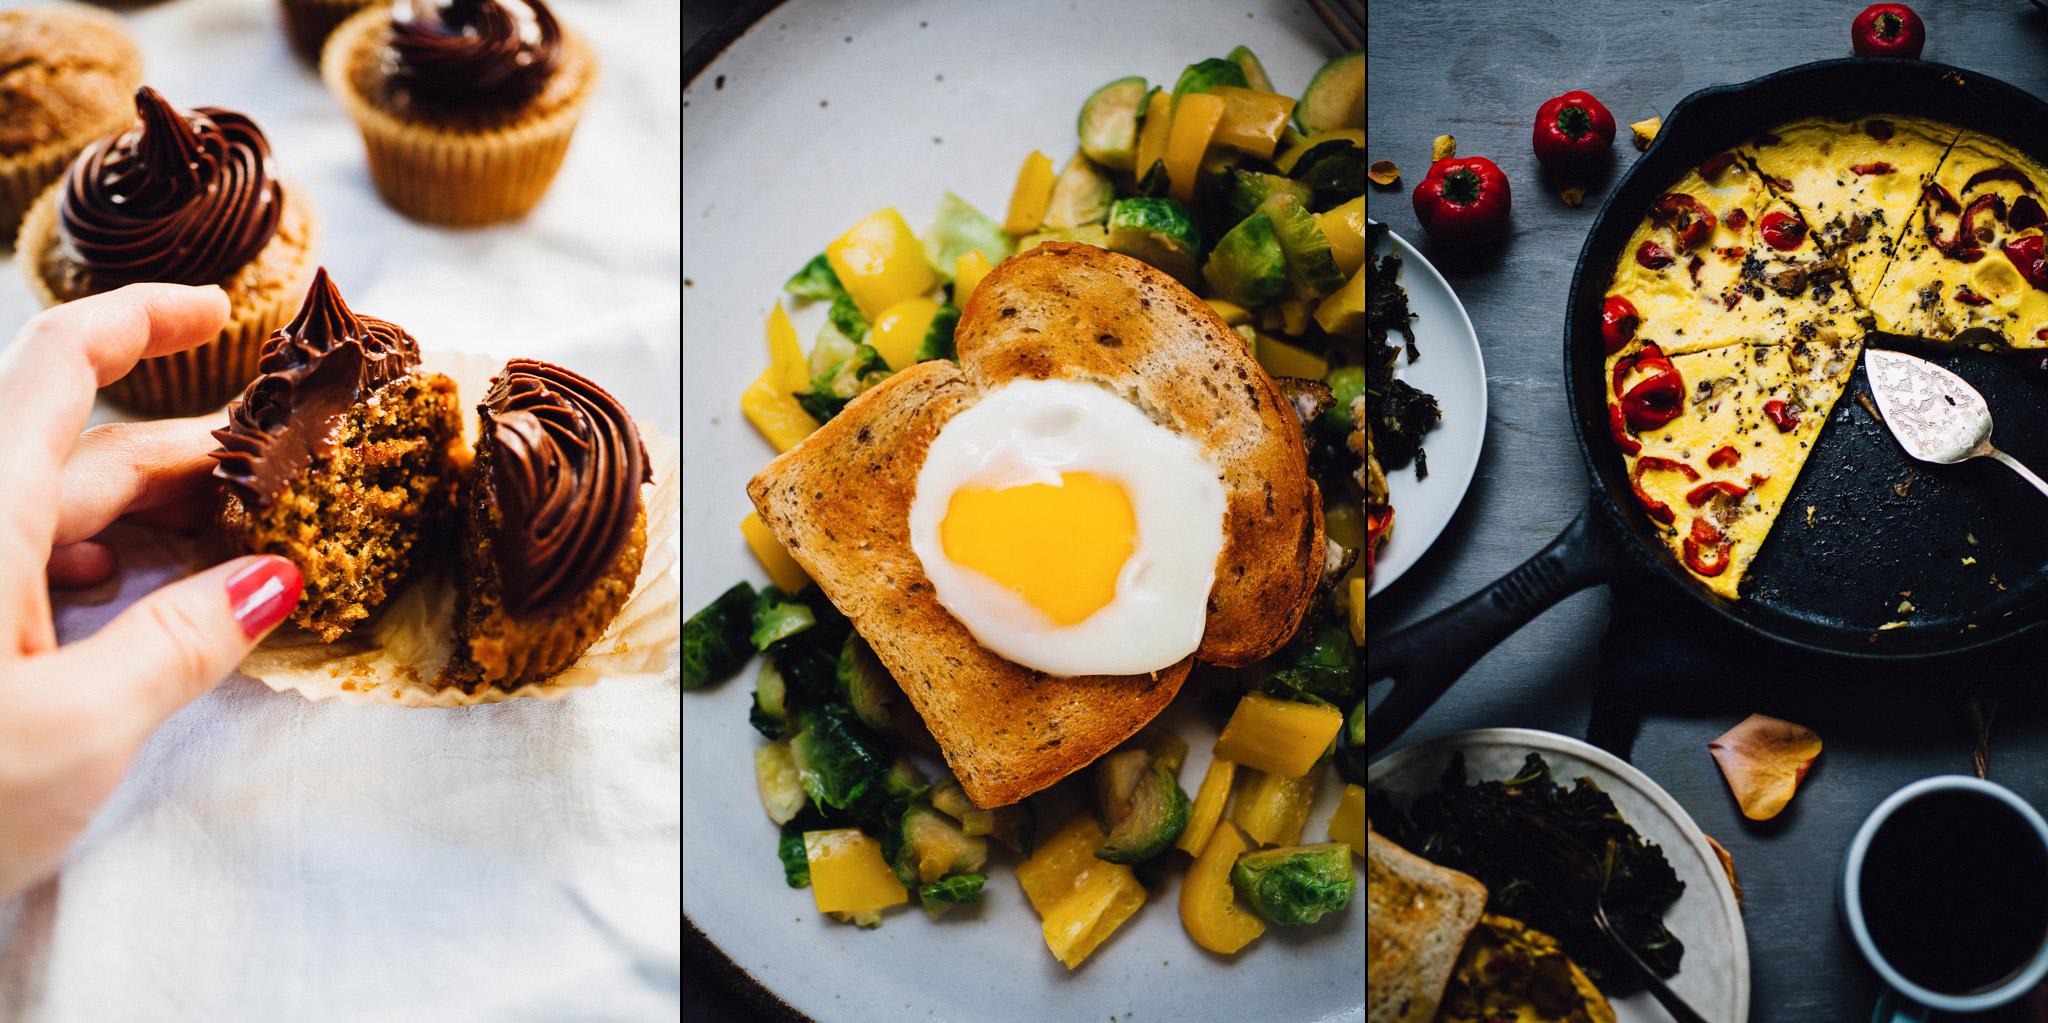 Foodporn thơm lừng qua từng bức ảnh cùng Will Frolic for Food